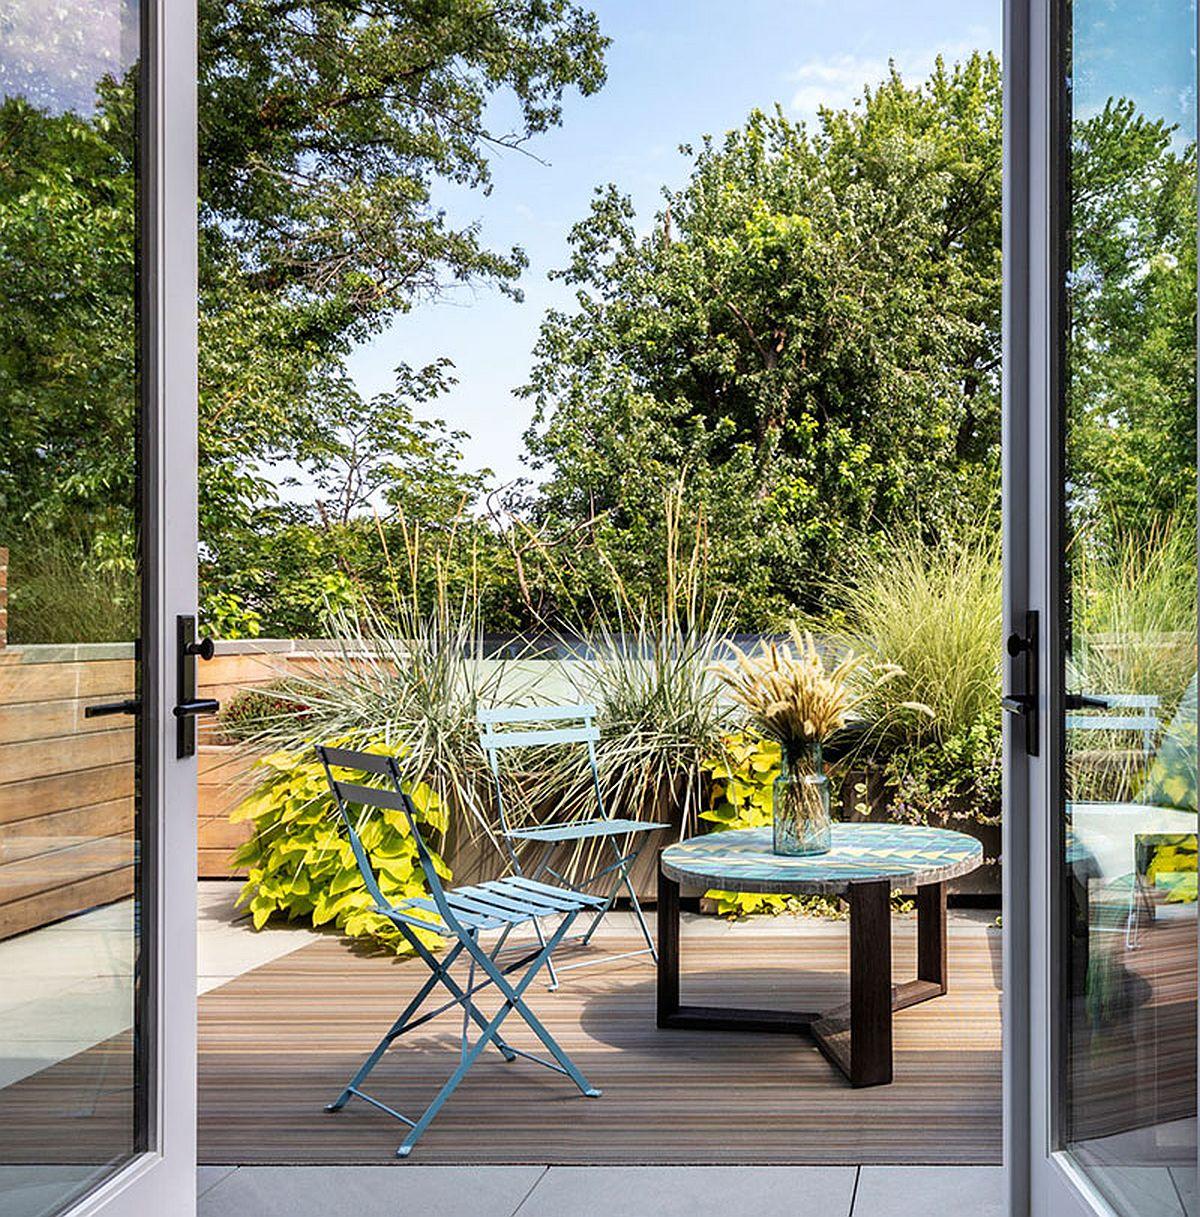 Atuul dormitorului matrimonial nu este la interior, ci la exterior, respectiv terasa frumoas amenajată în acord cu interiorul. Prezența acestei terase i-a determinat pe proprietari să renunțe la îmbrăcarea ferestrelor cu perdele și draperii.